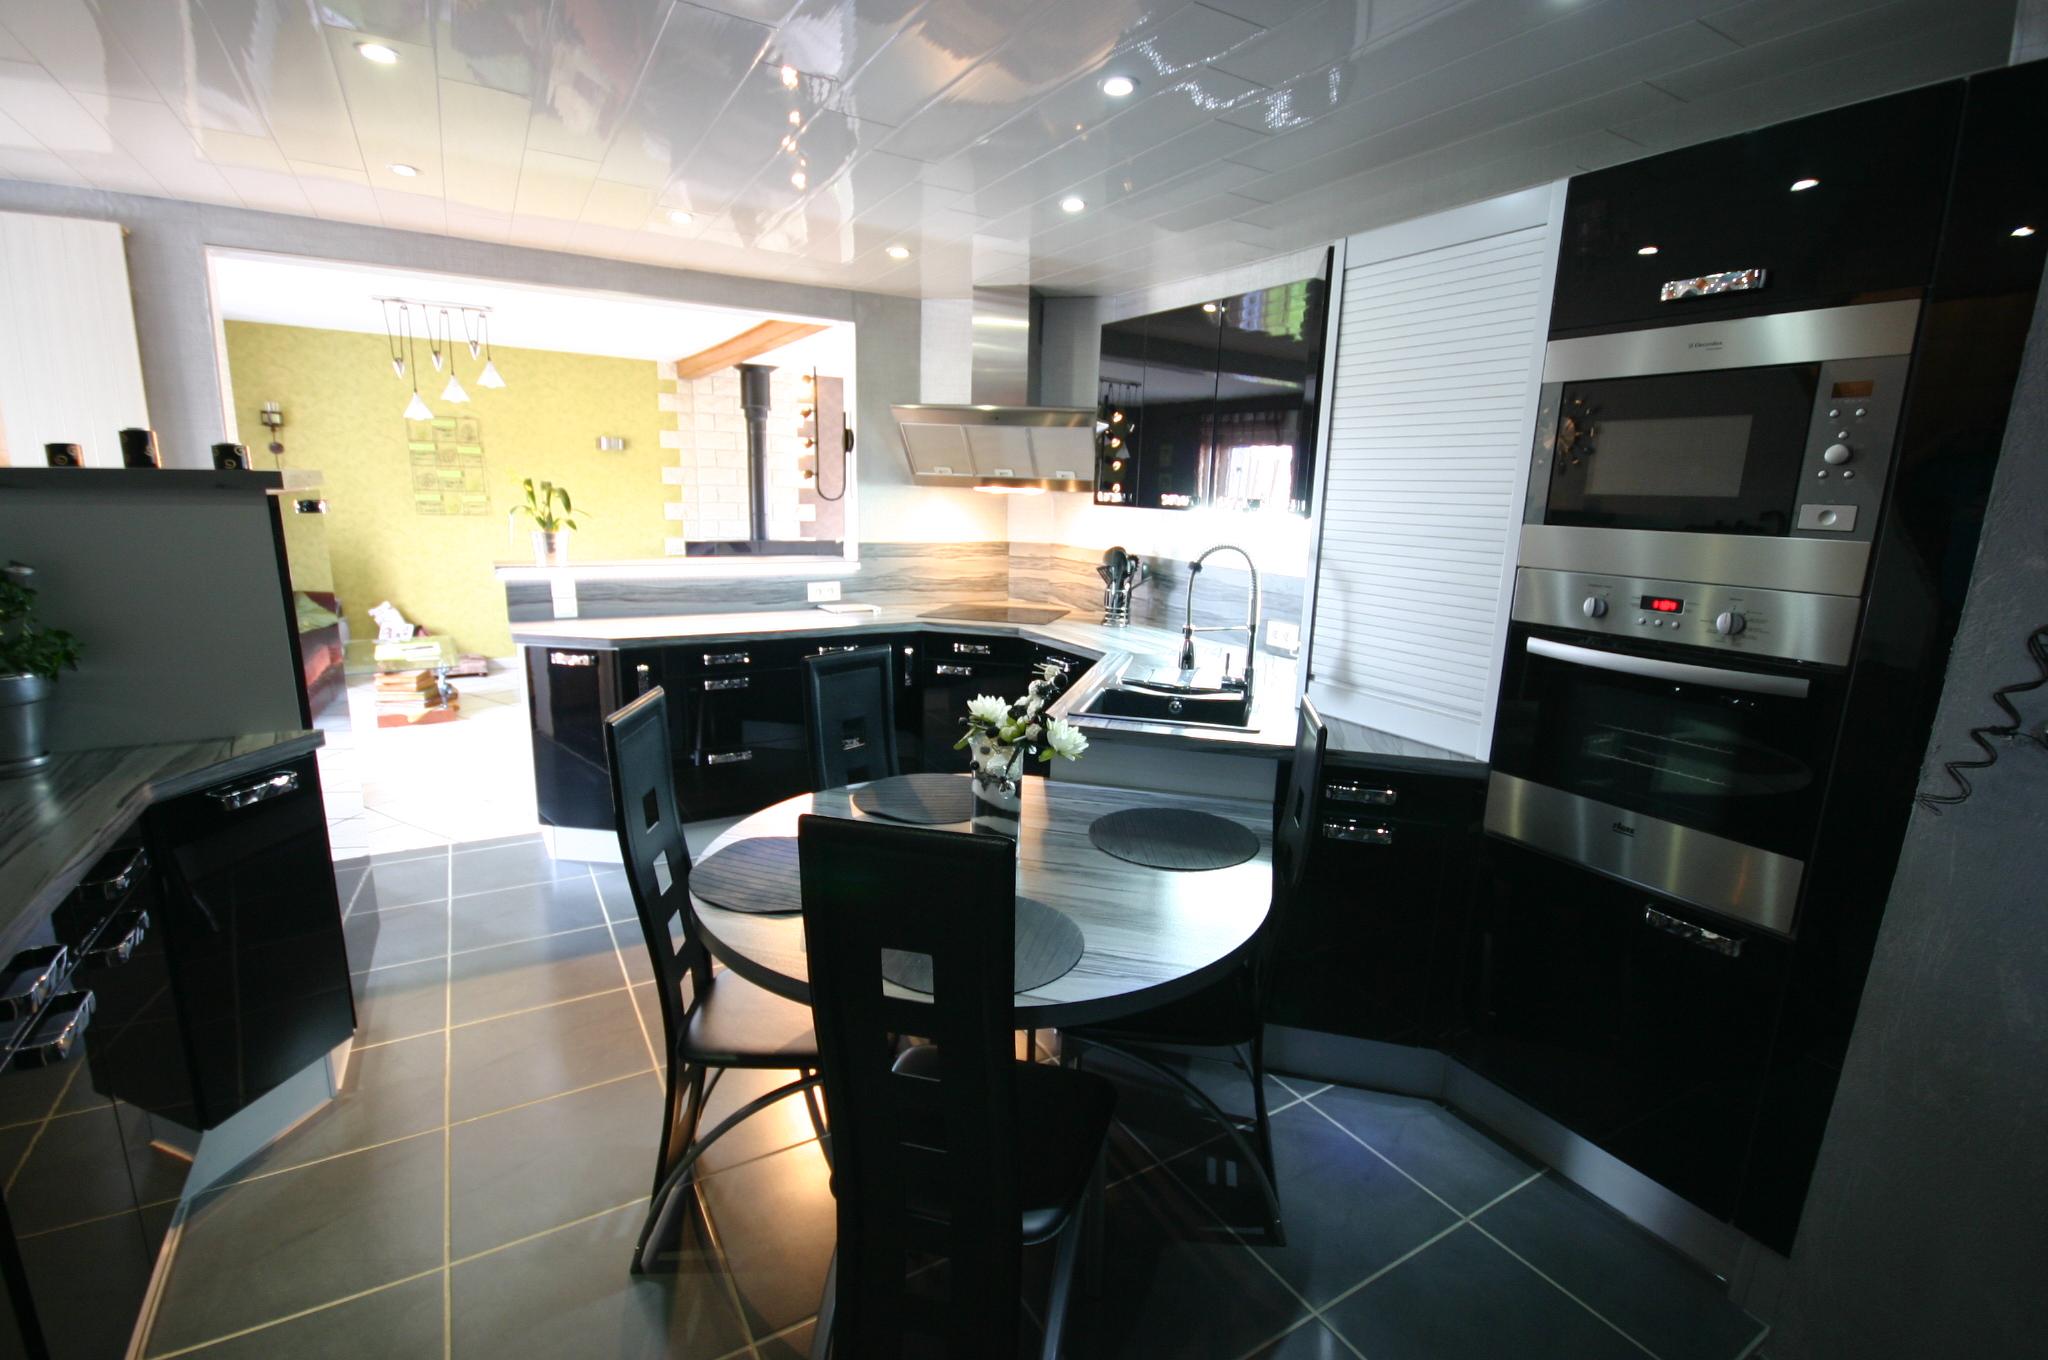 Cuisine laqu e noire par meubles jem for Cuisines encastrees